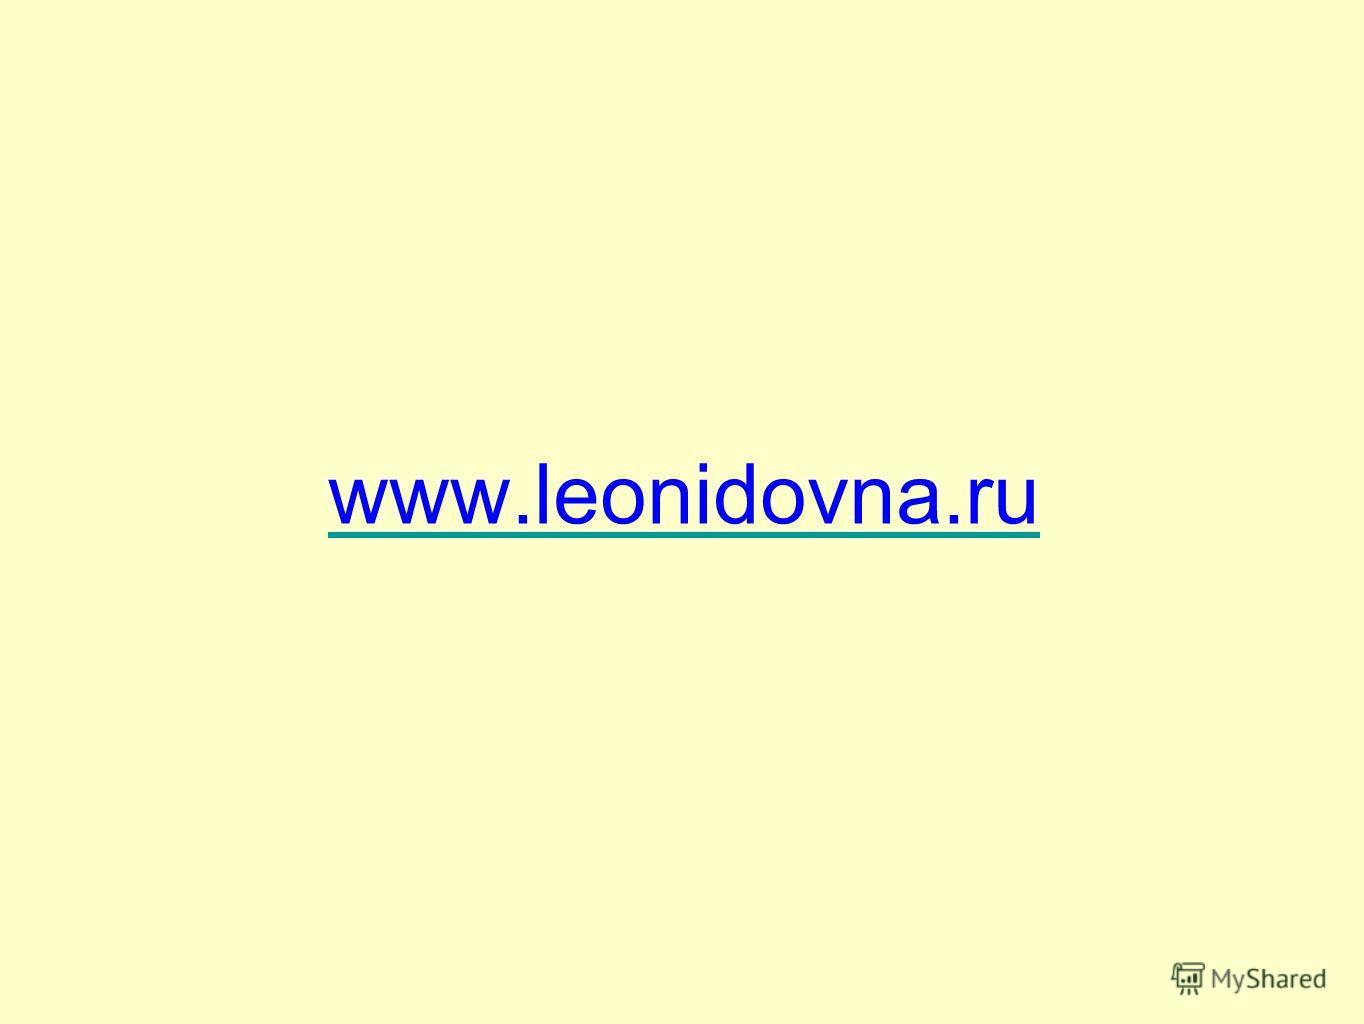 www.leonidovna.ru